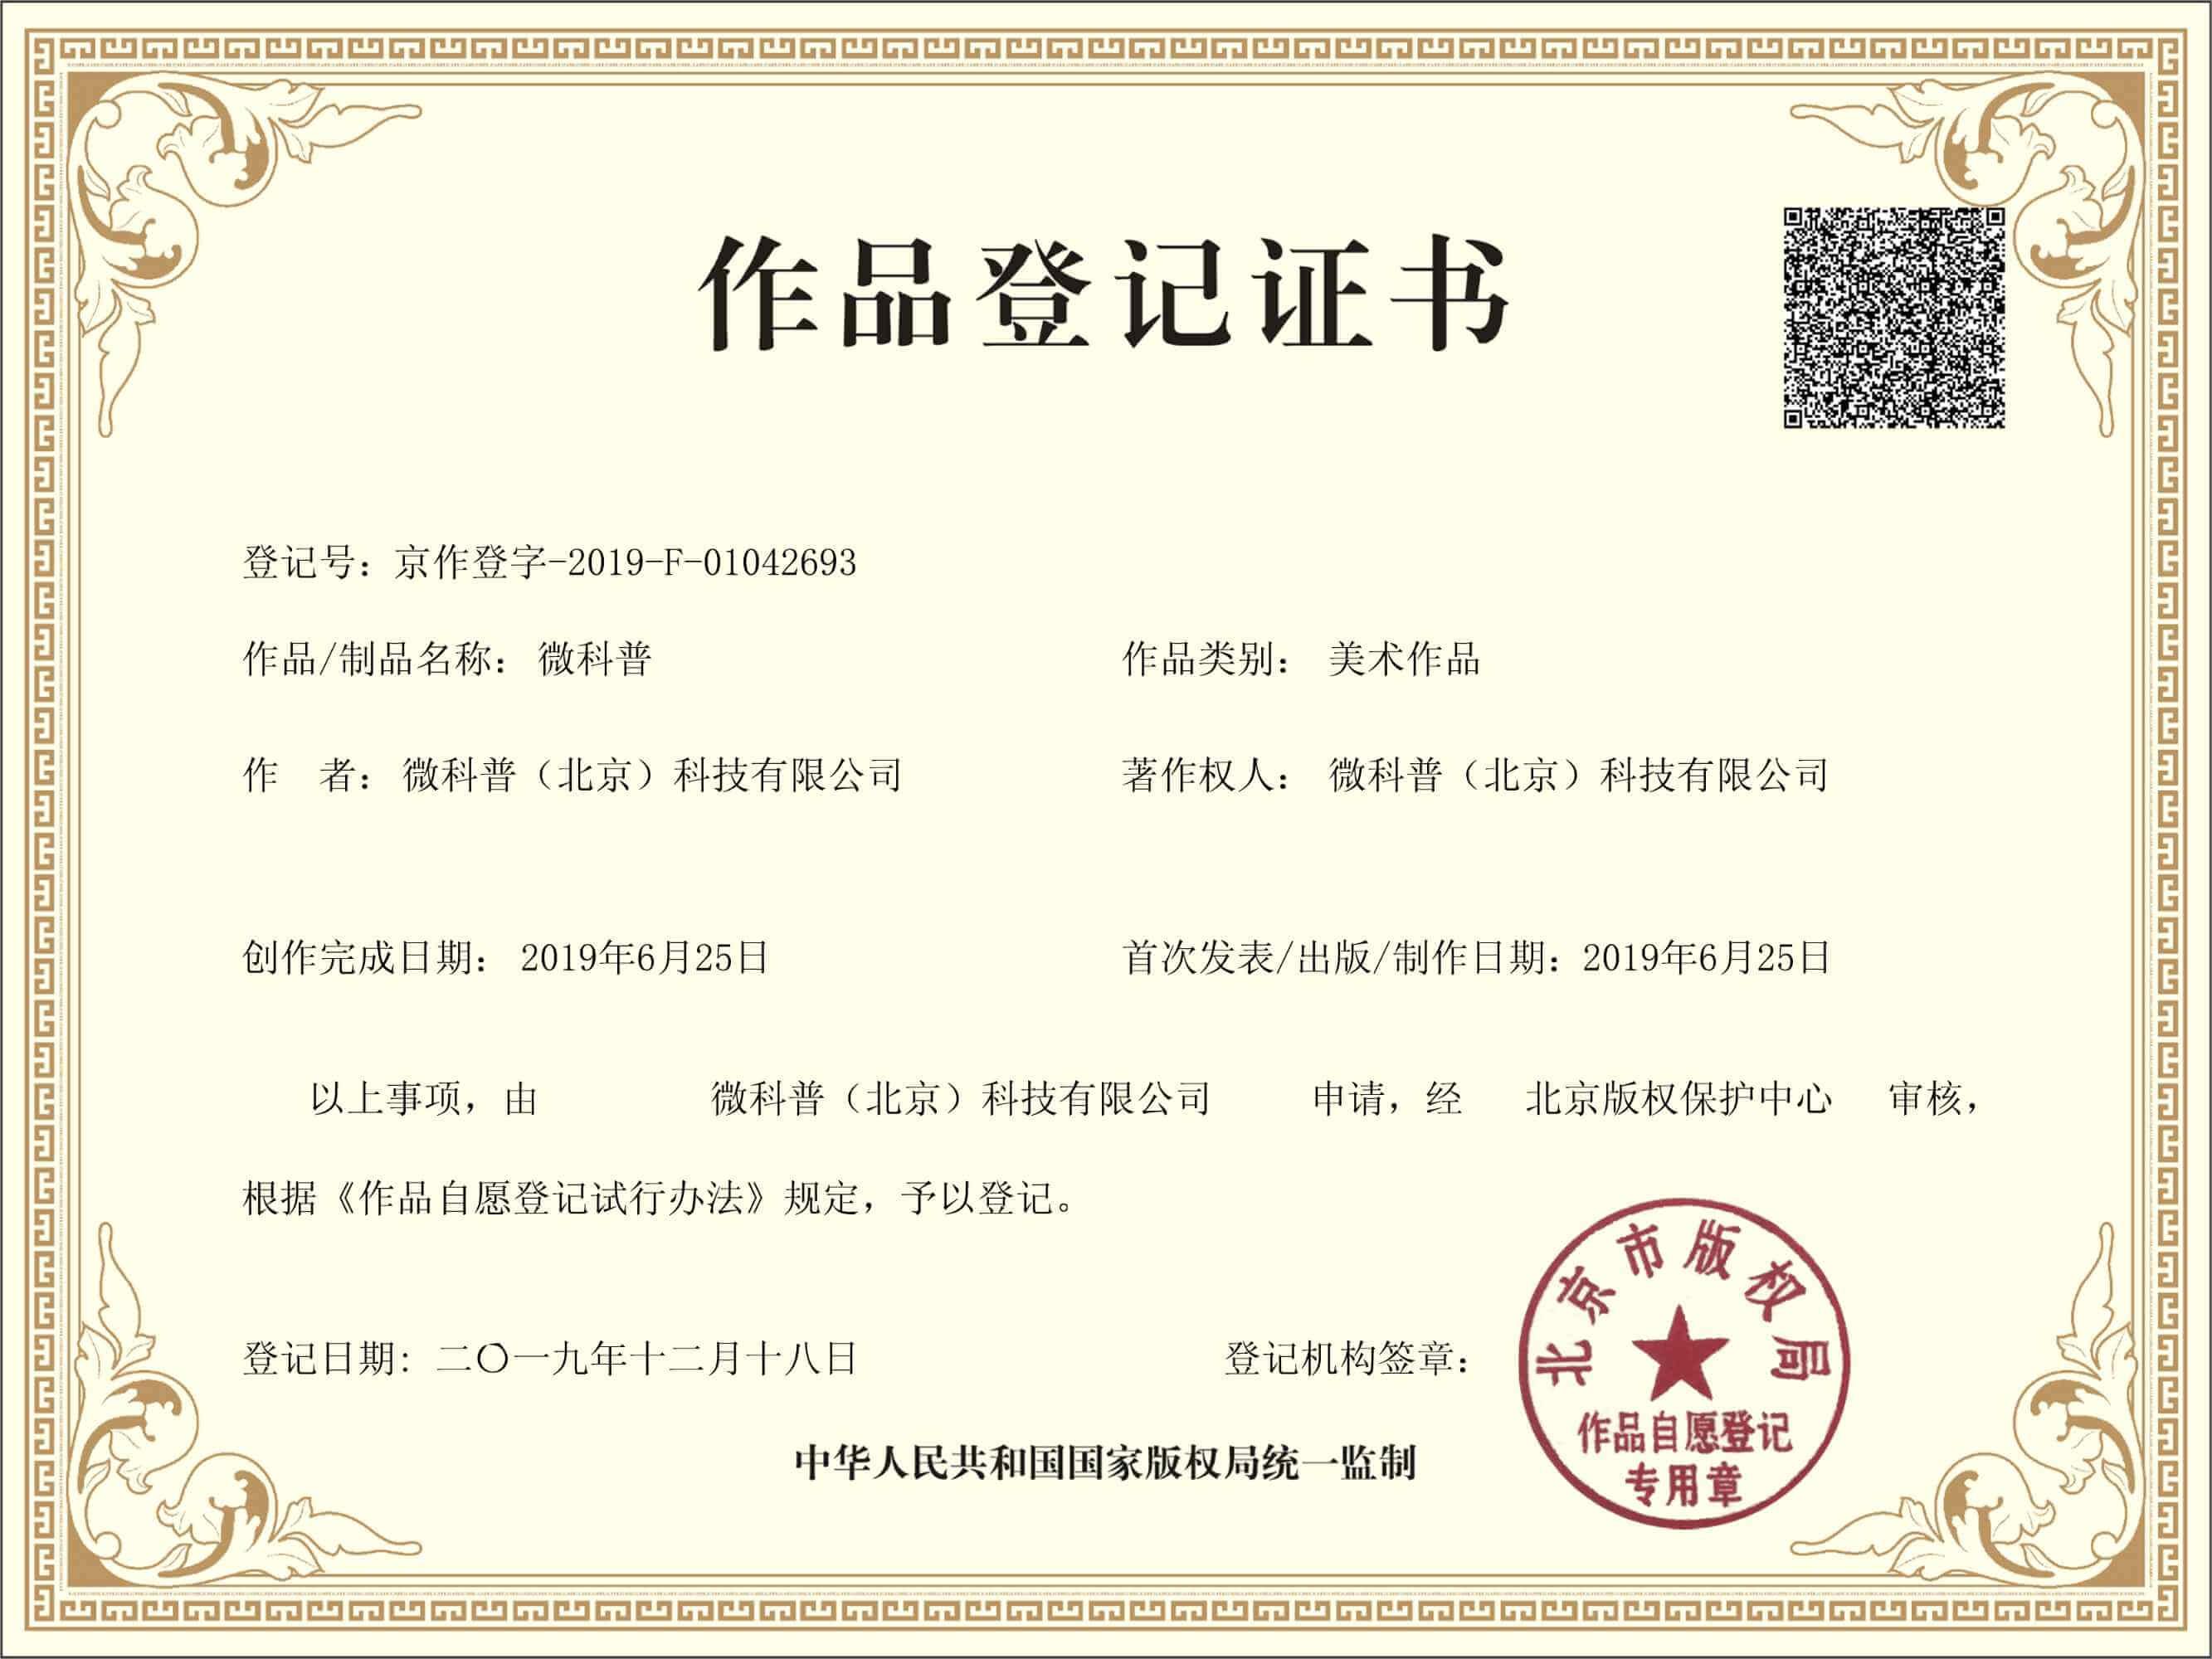 太阳3具有南康市版权局制发的《作品登记证书》